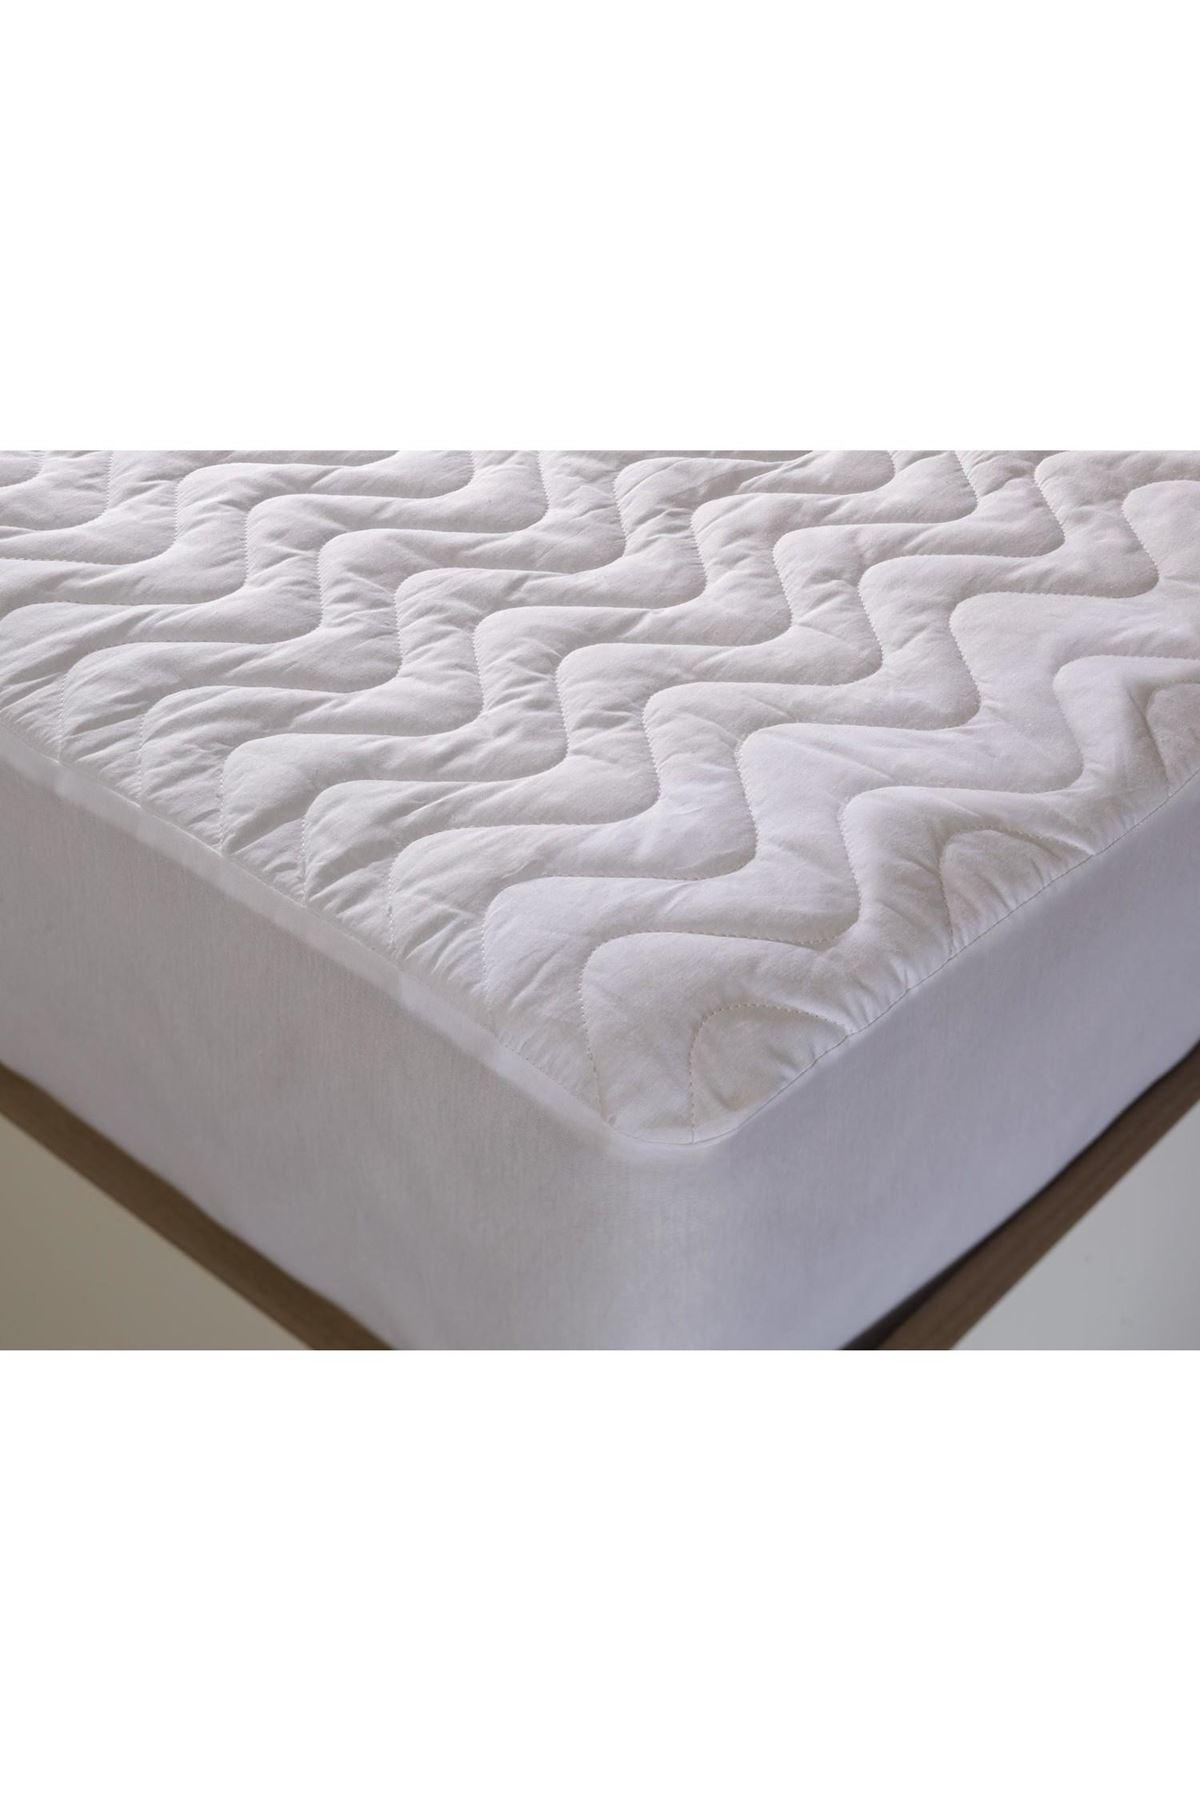 Cotton Box Ranforce Sıvı Geçirmez Kapitone Yatak Pedi 100x200